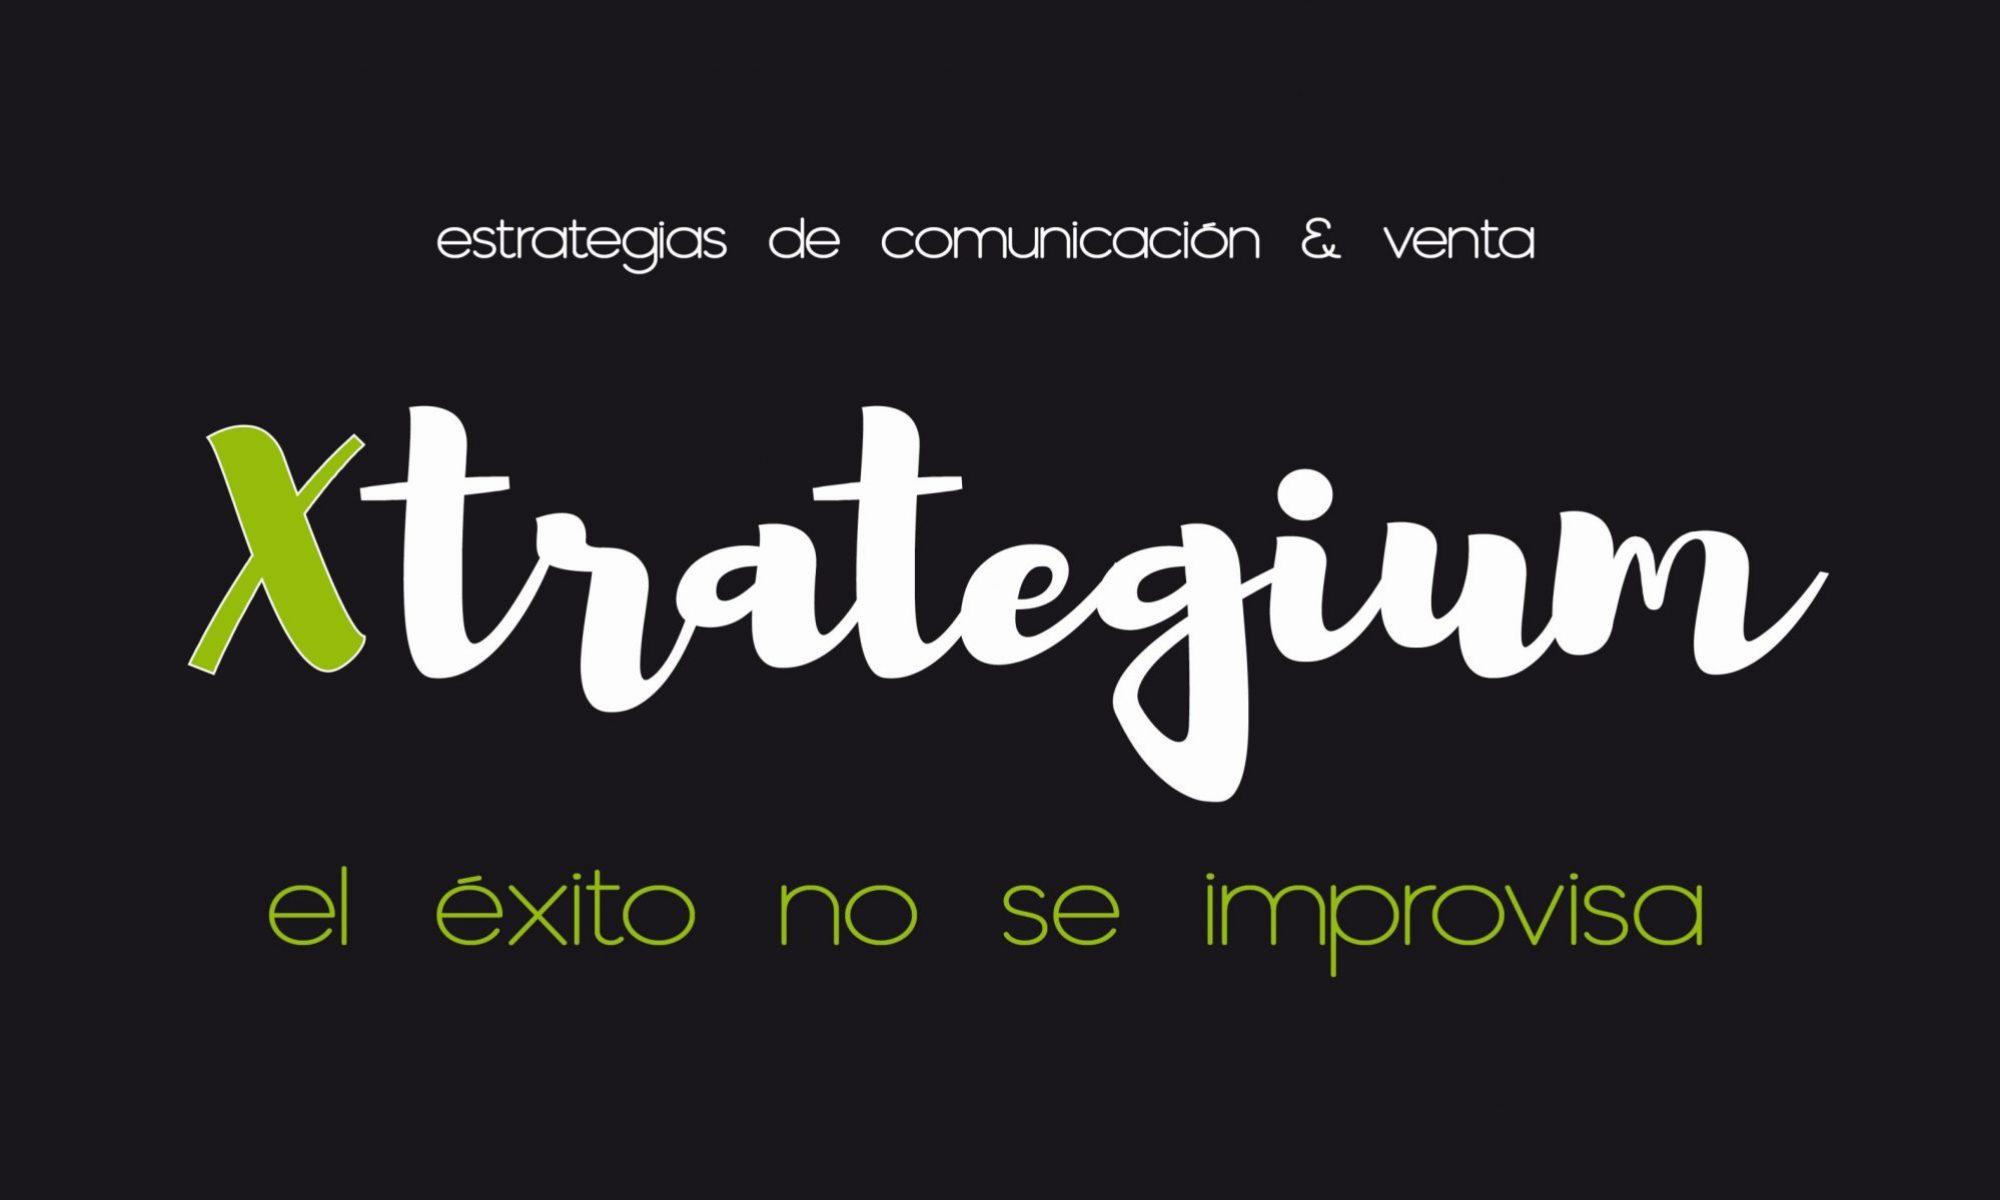 xtrategium